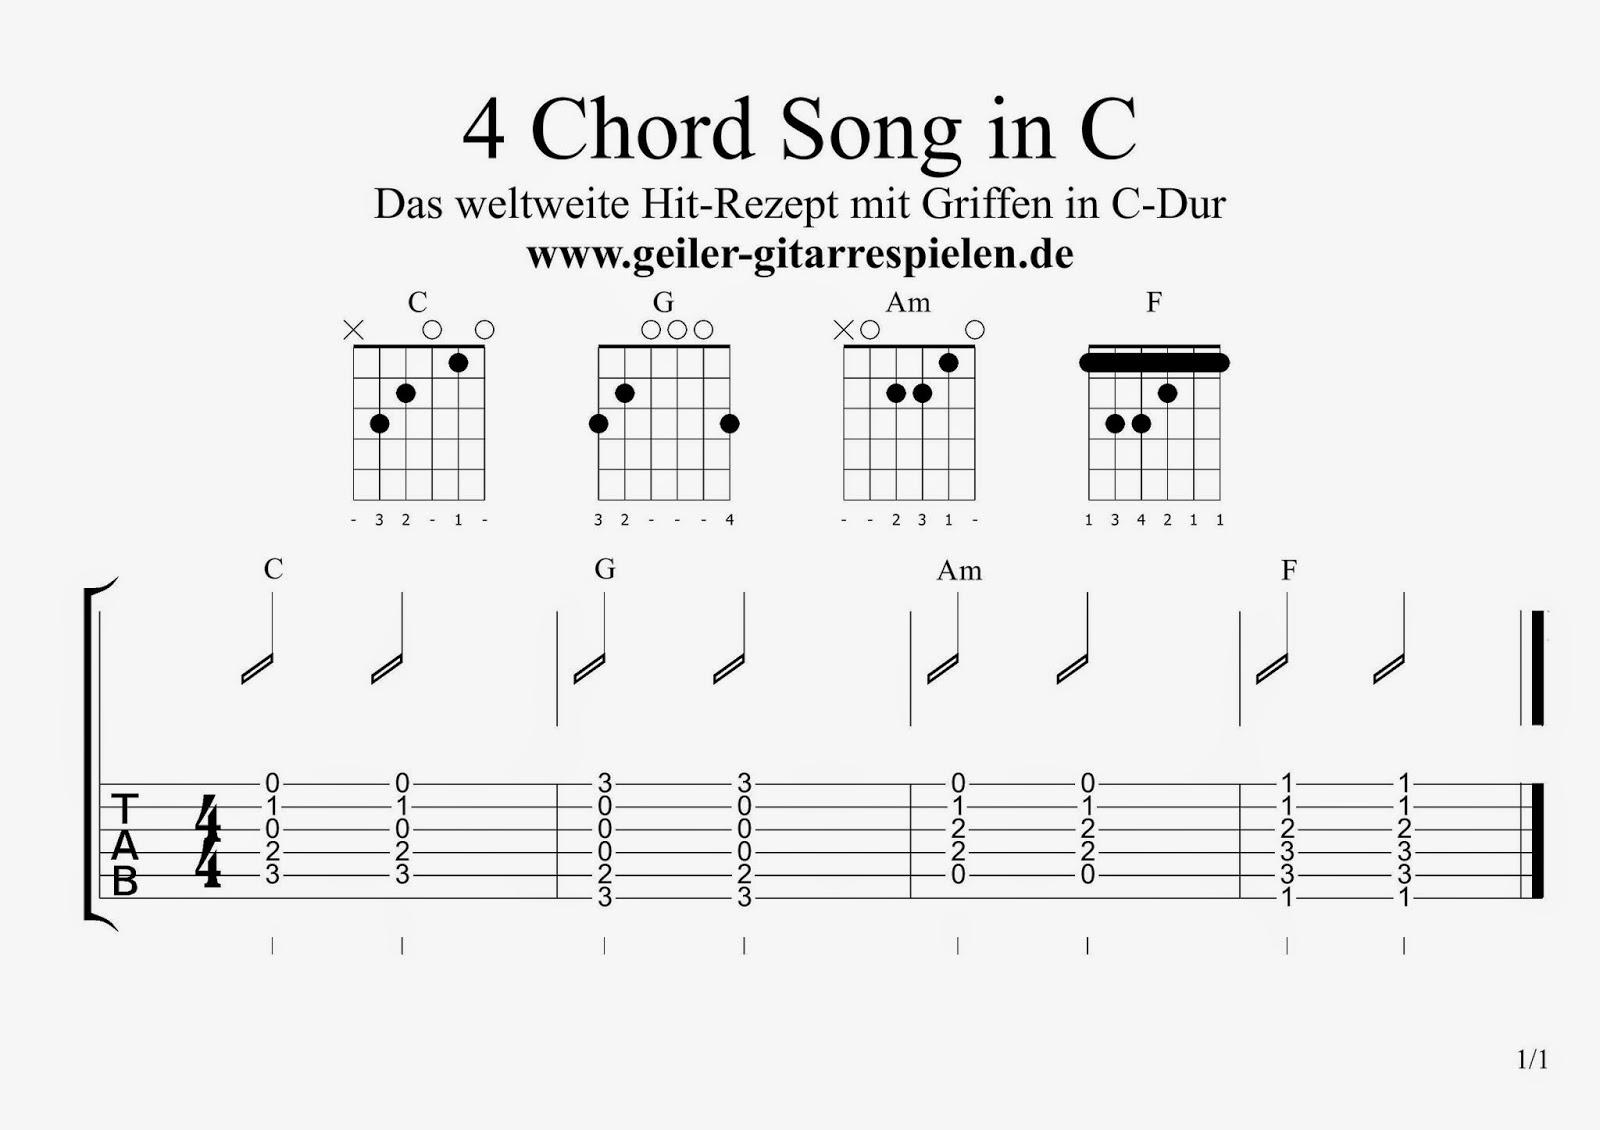 4 Chords Songs Akkorde für Gitarre | Einfach geiler Gitarre spielen!